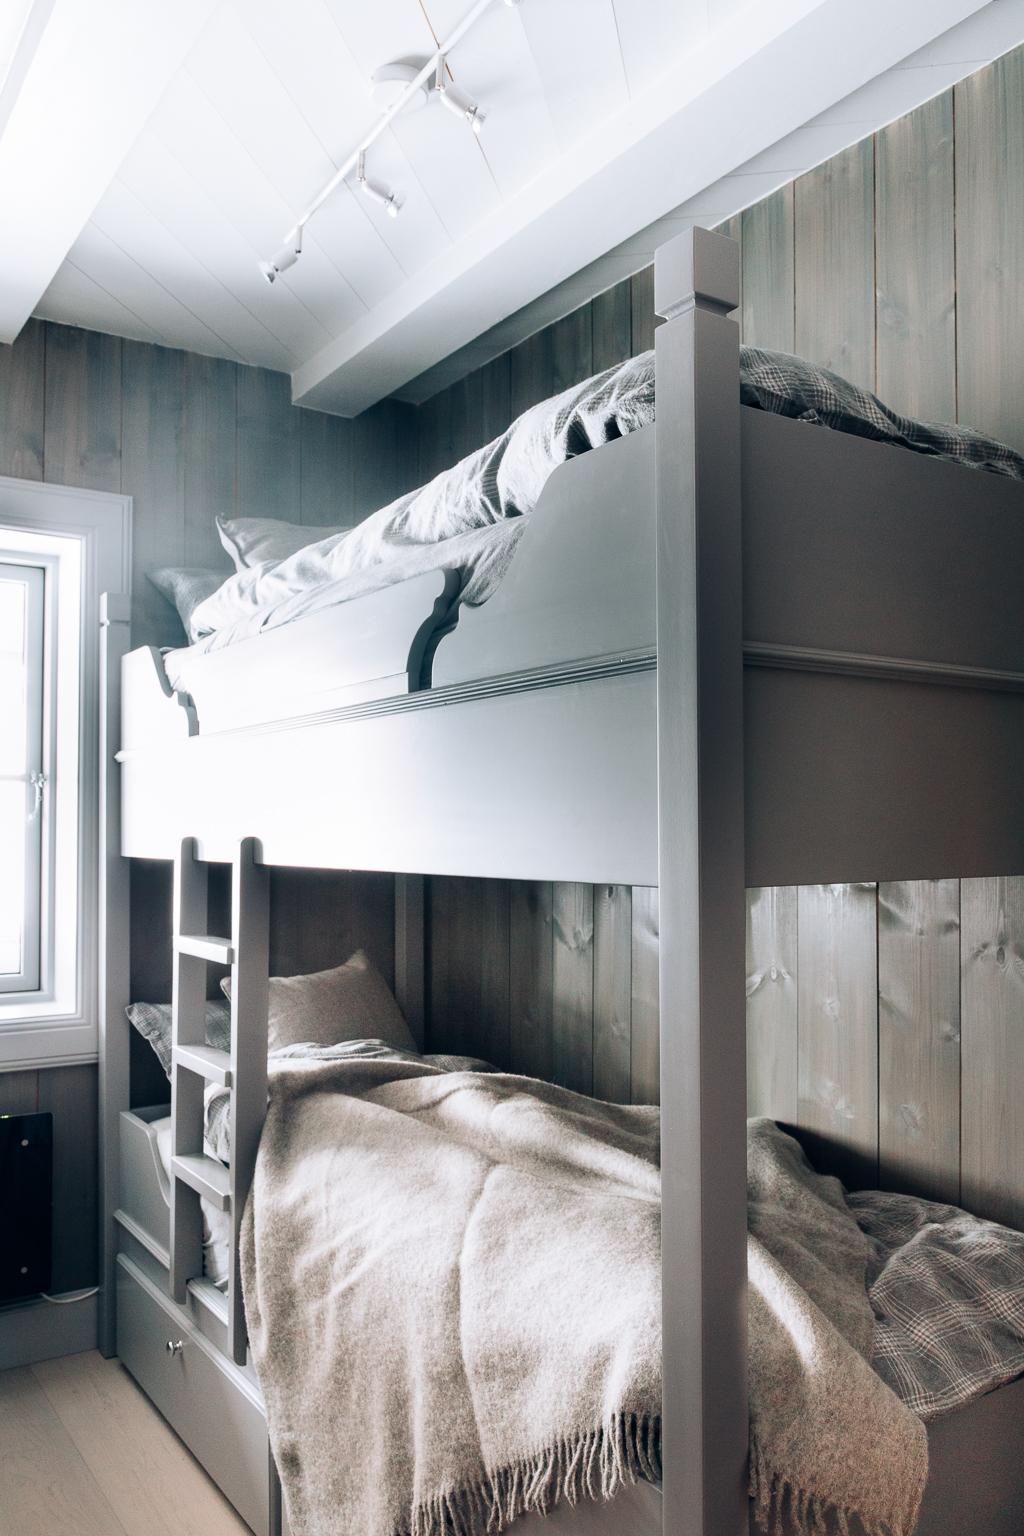 Alle sengene har oppbevaringsskuffer.